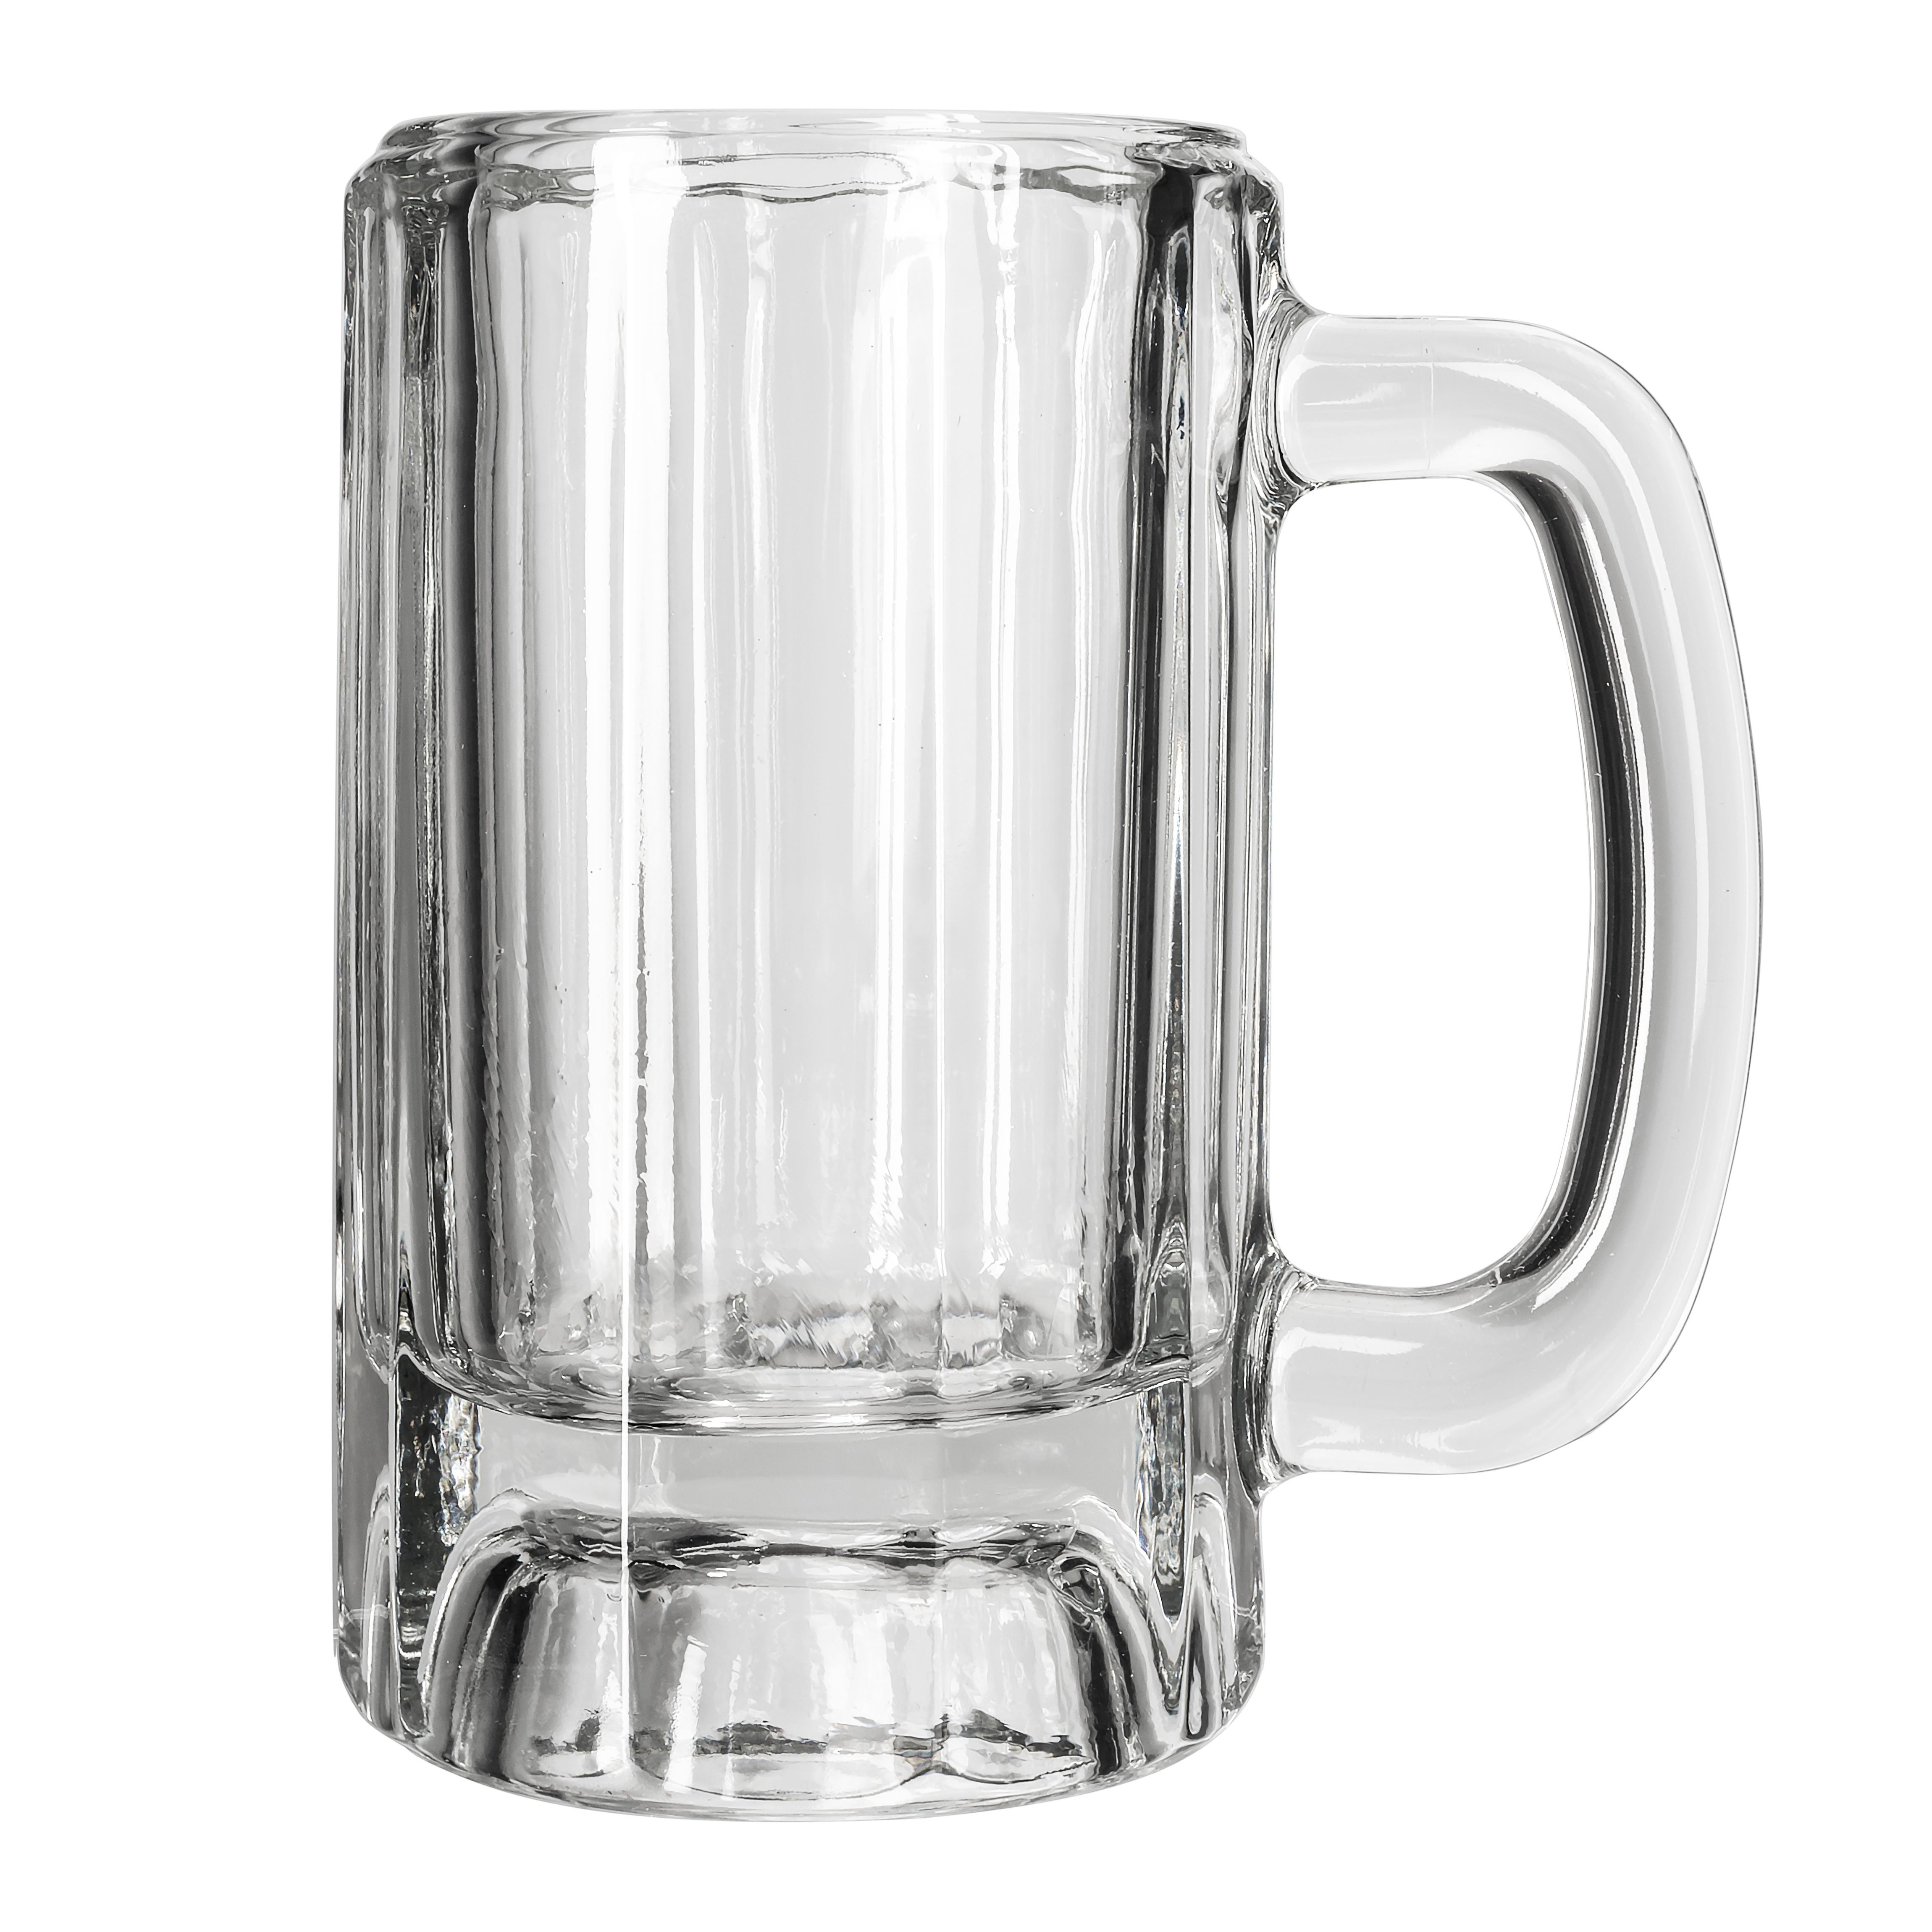 Libbey 5016 12 oz Paneled Mug